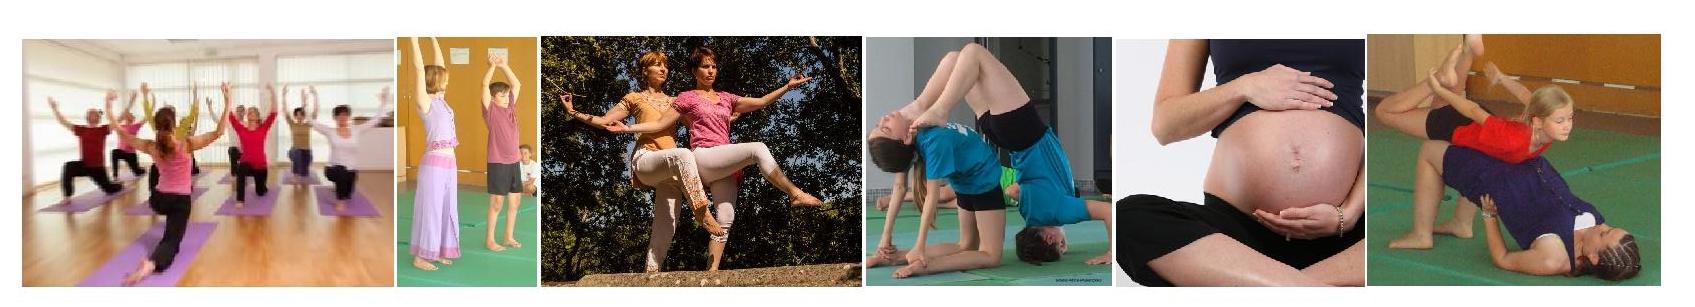 bandeaux photos site cours de yoga